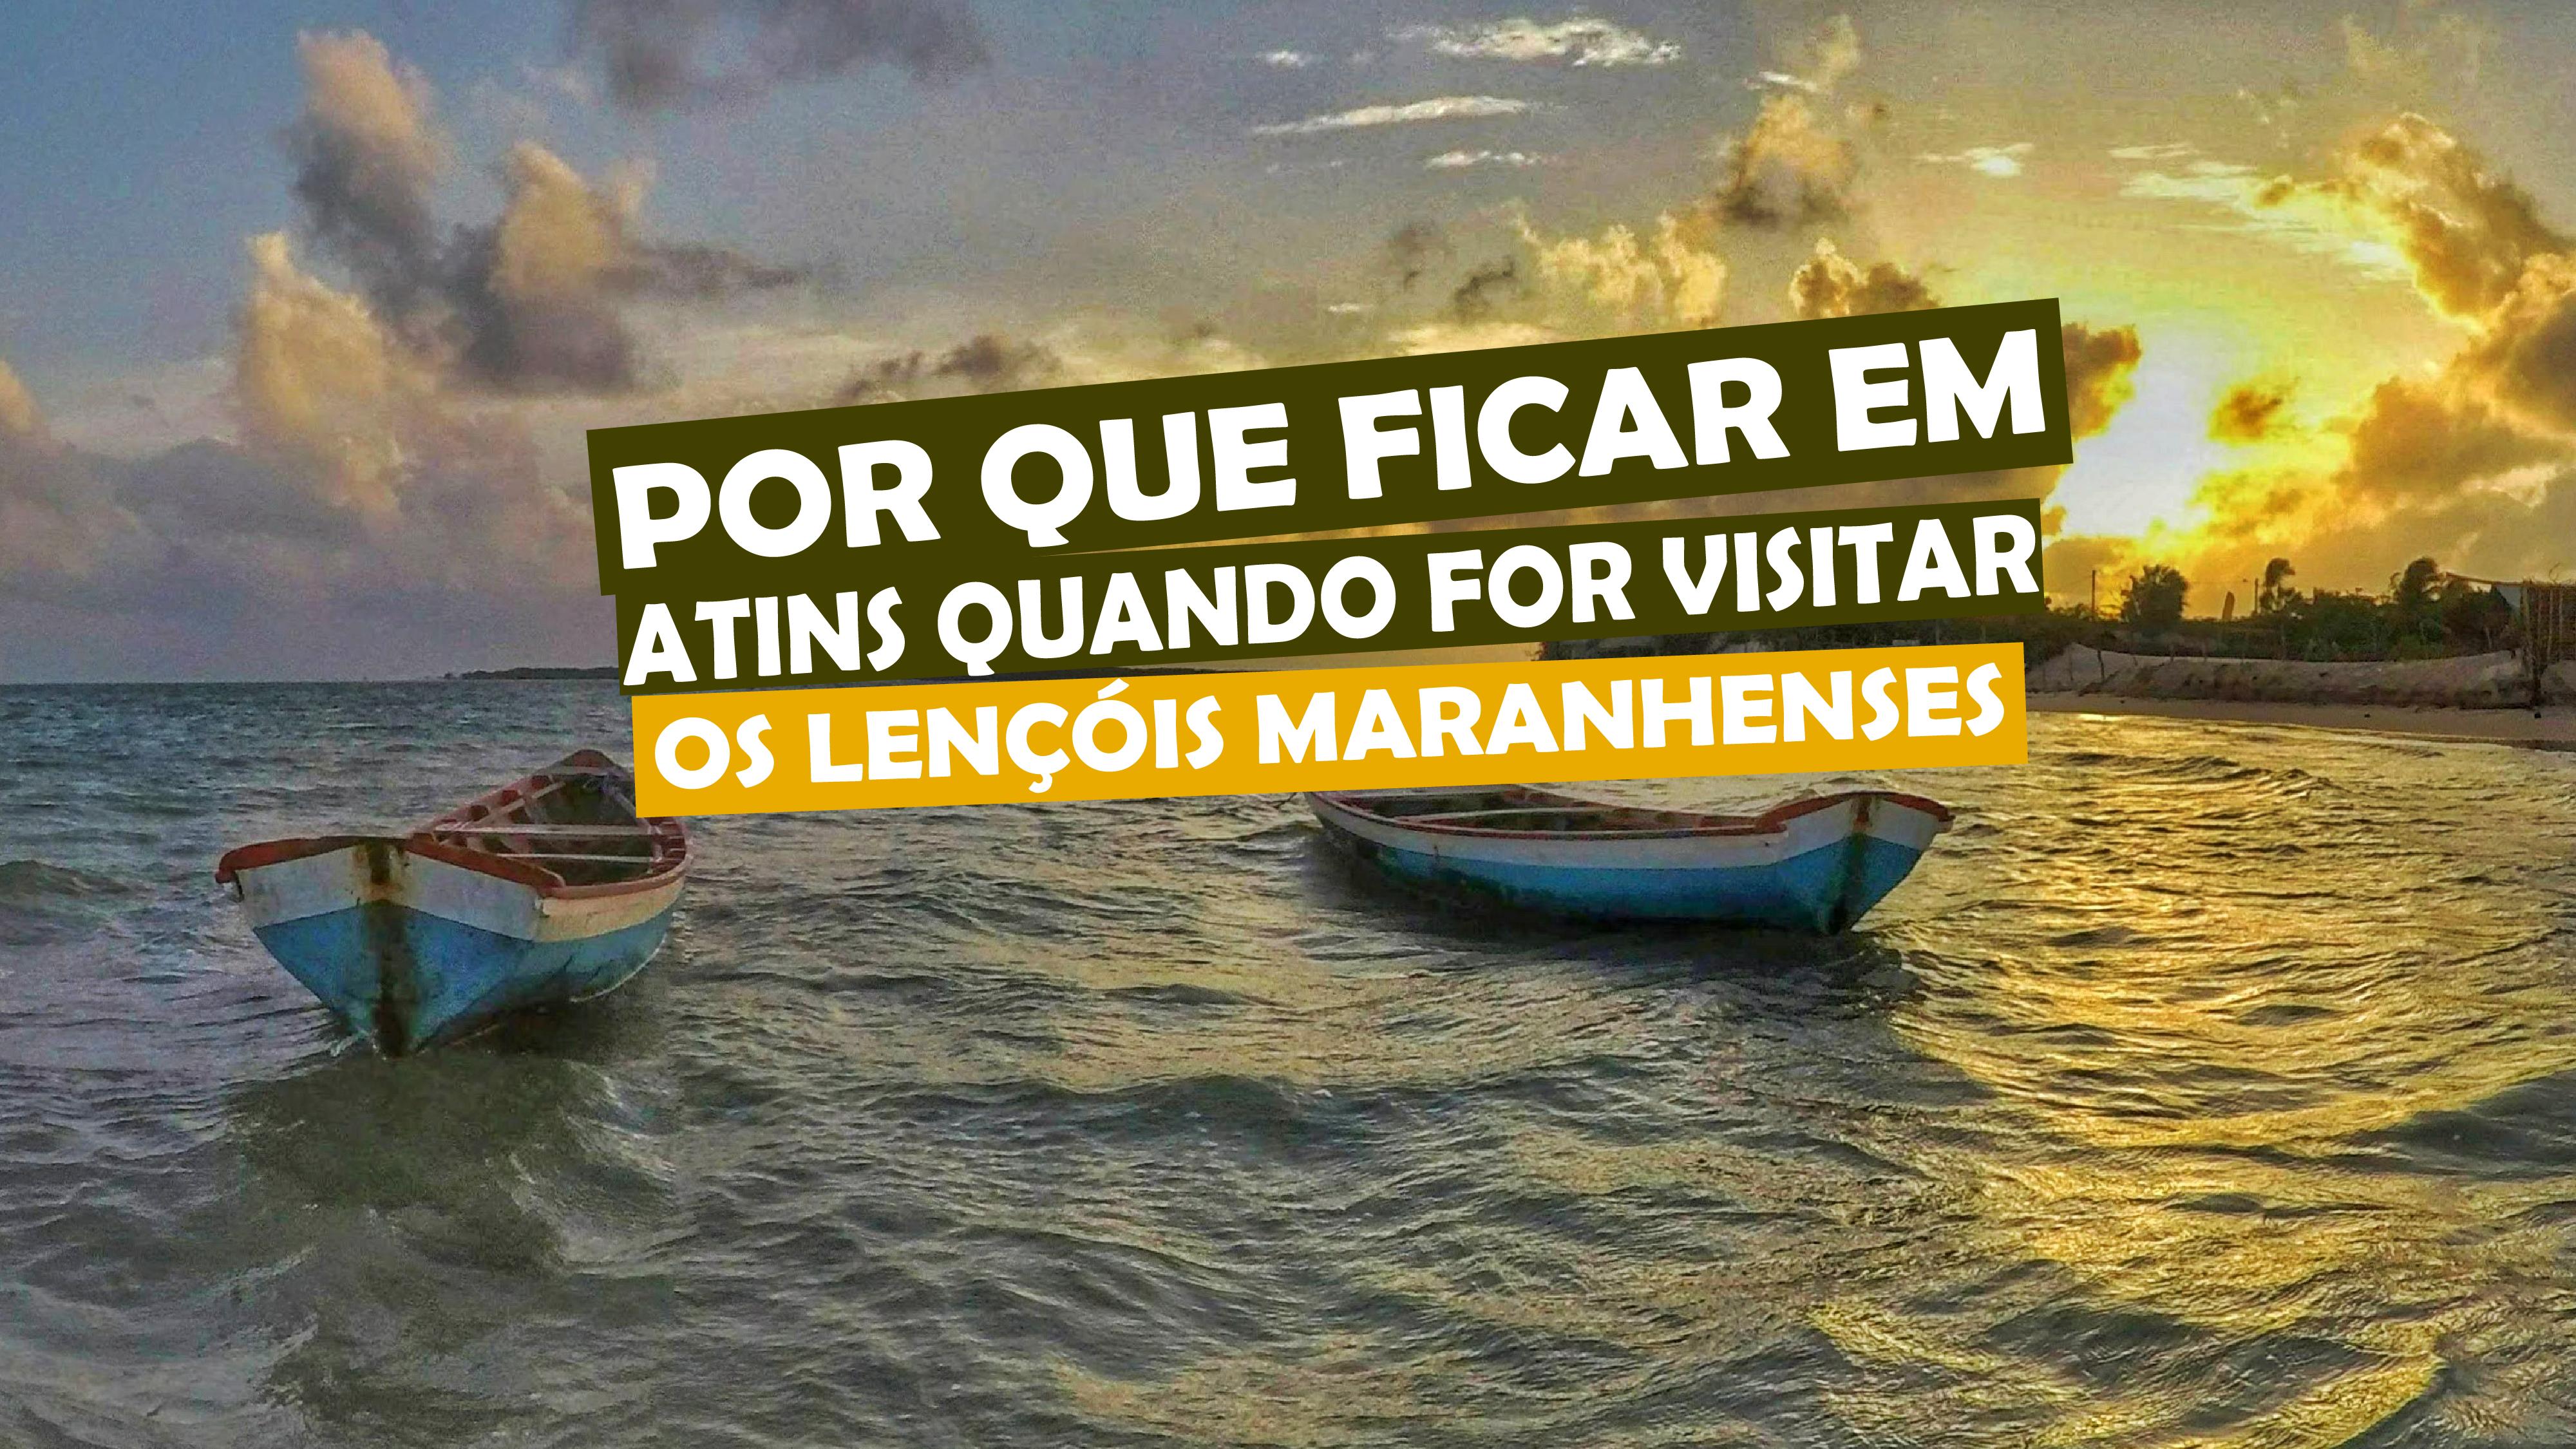 You are currently viewing Por que ficar em Atins quando for visitar os Lençóis Maranhenses